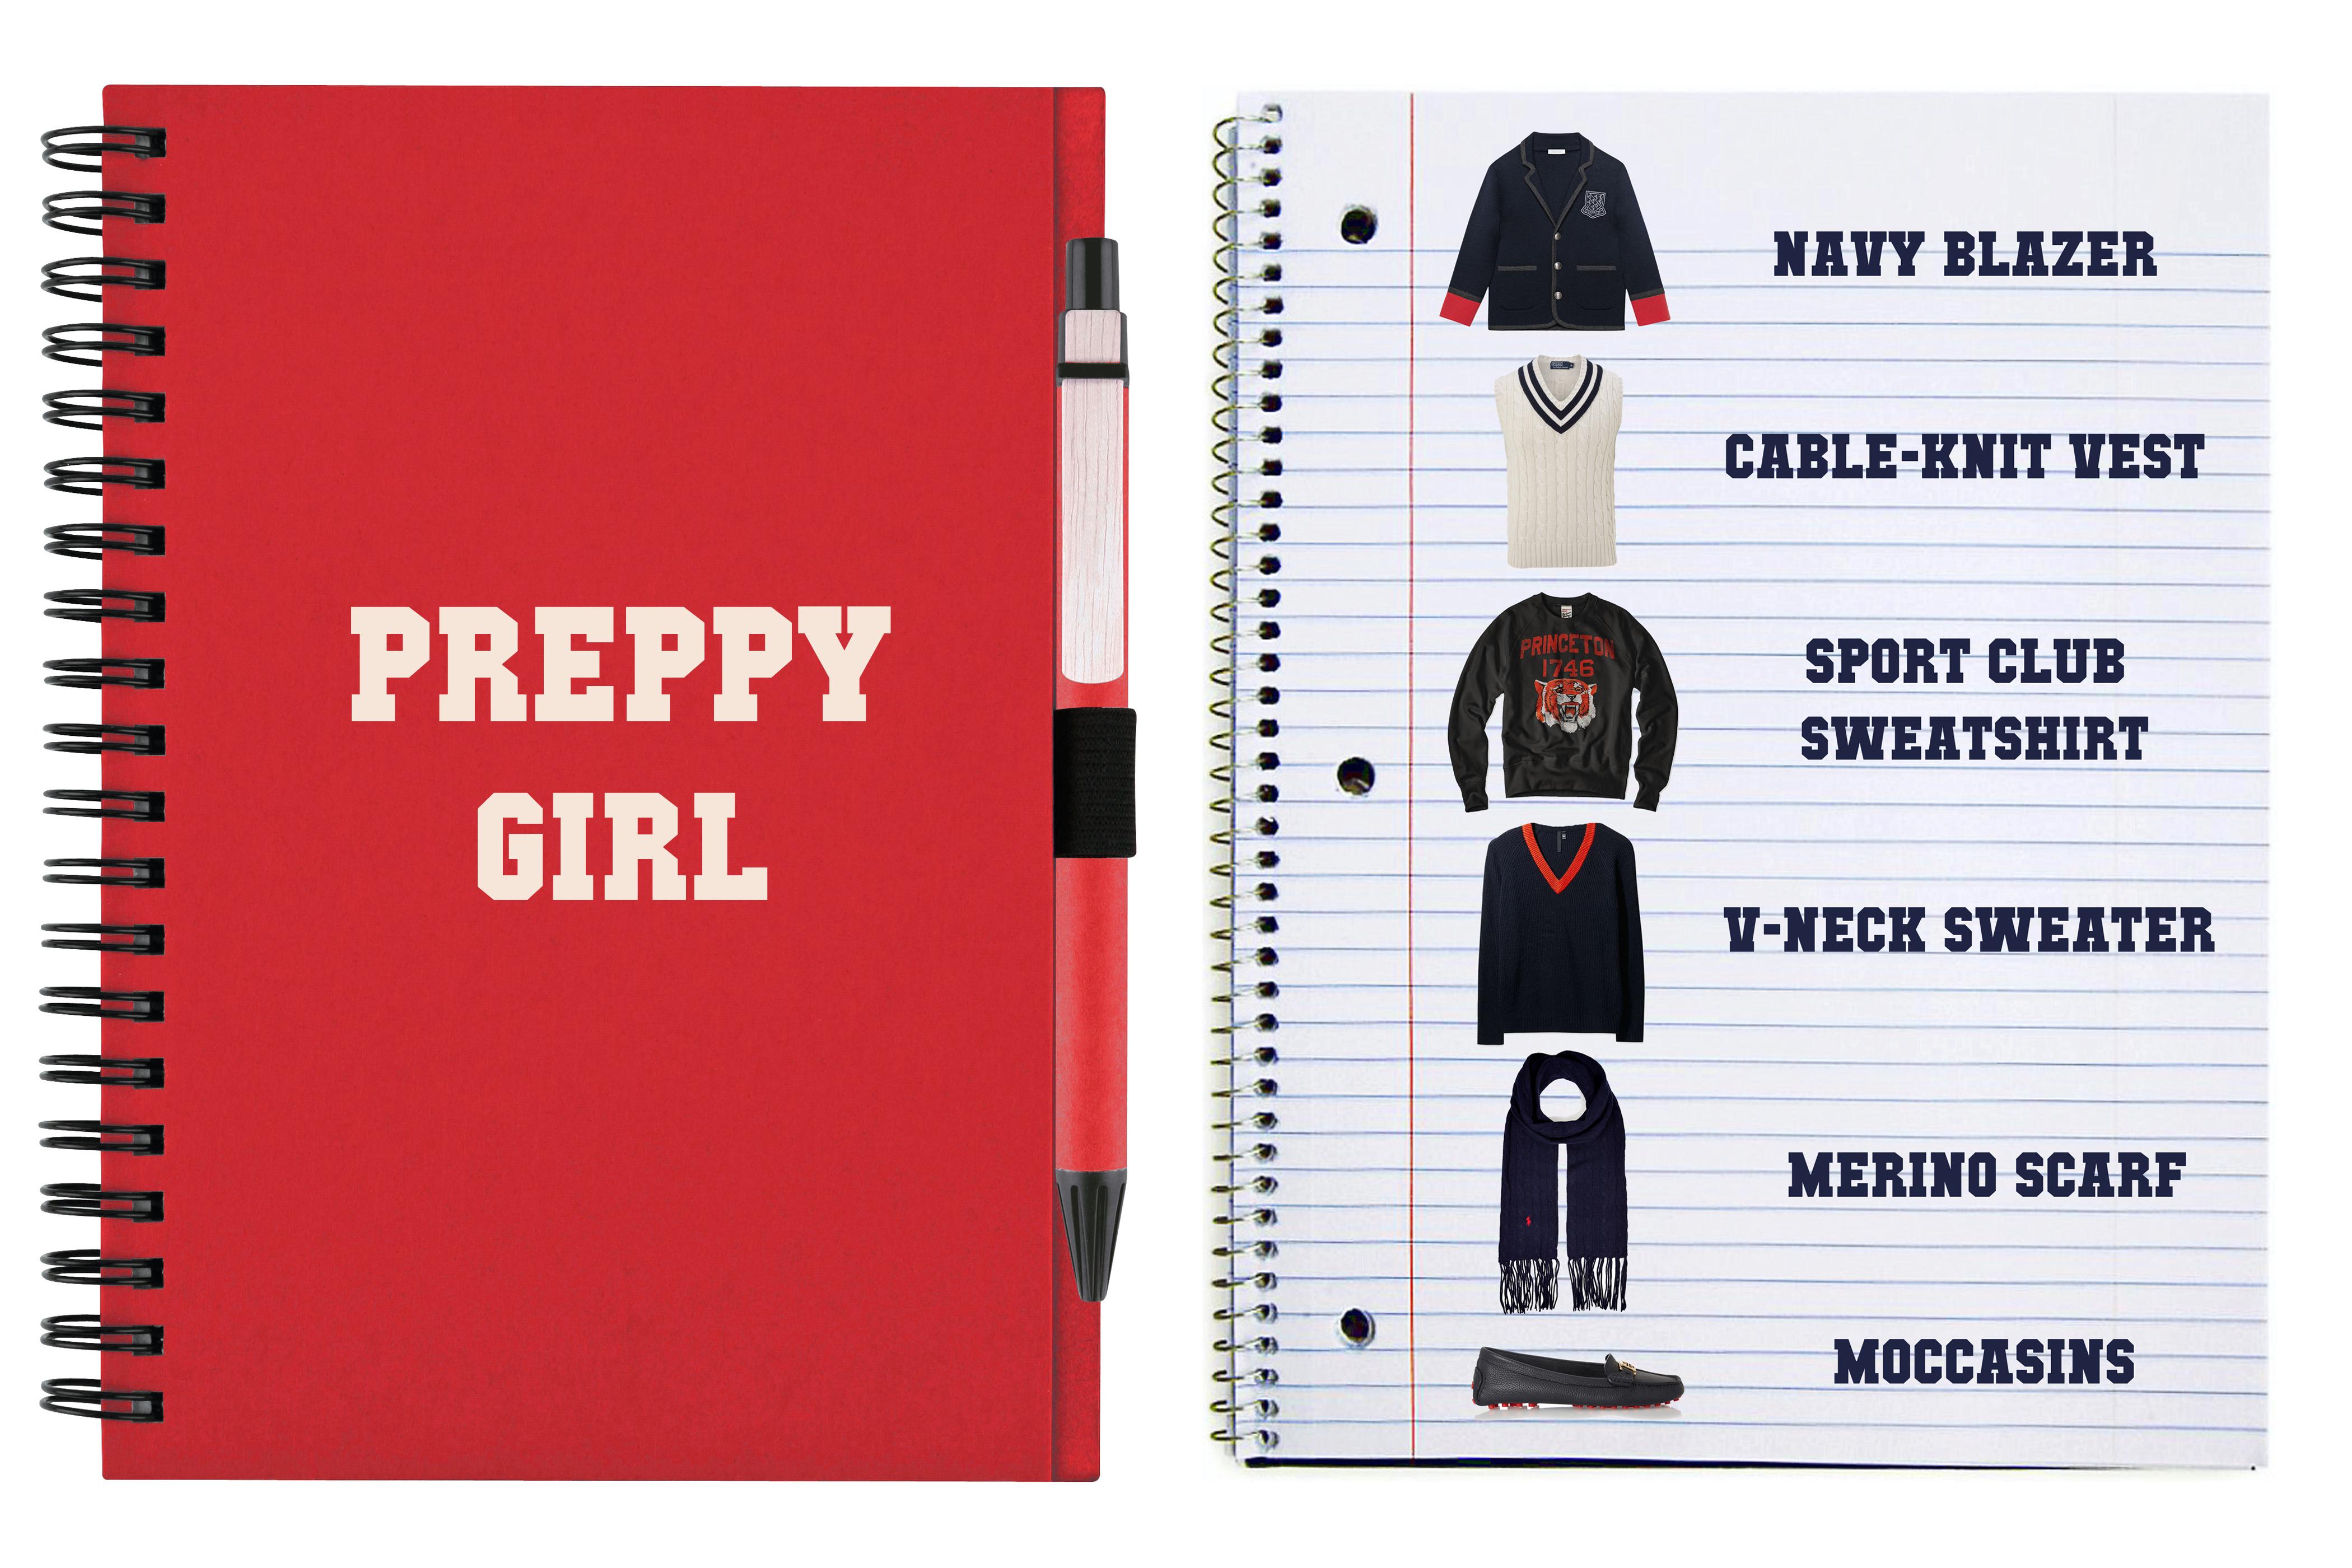 preppy-girl-fin